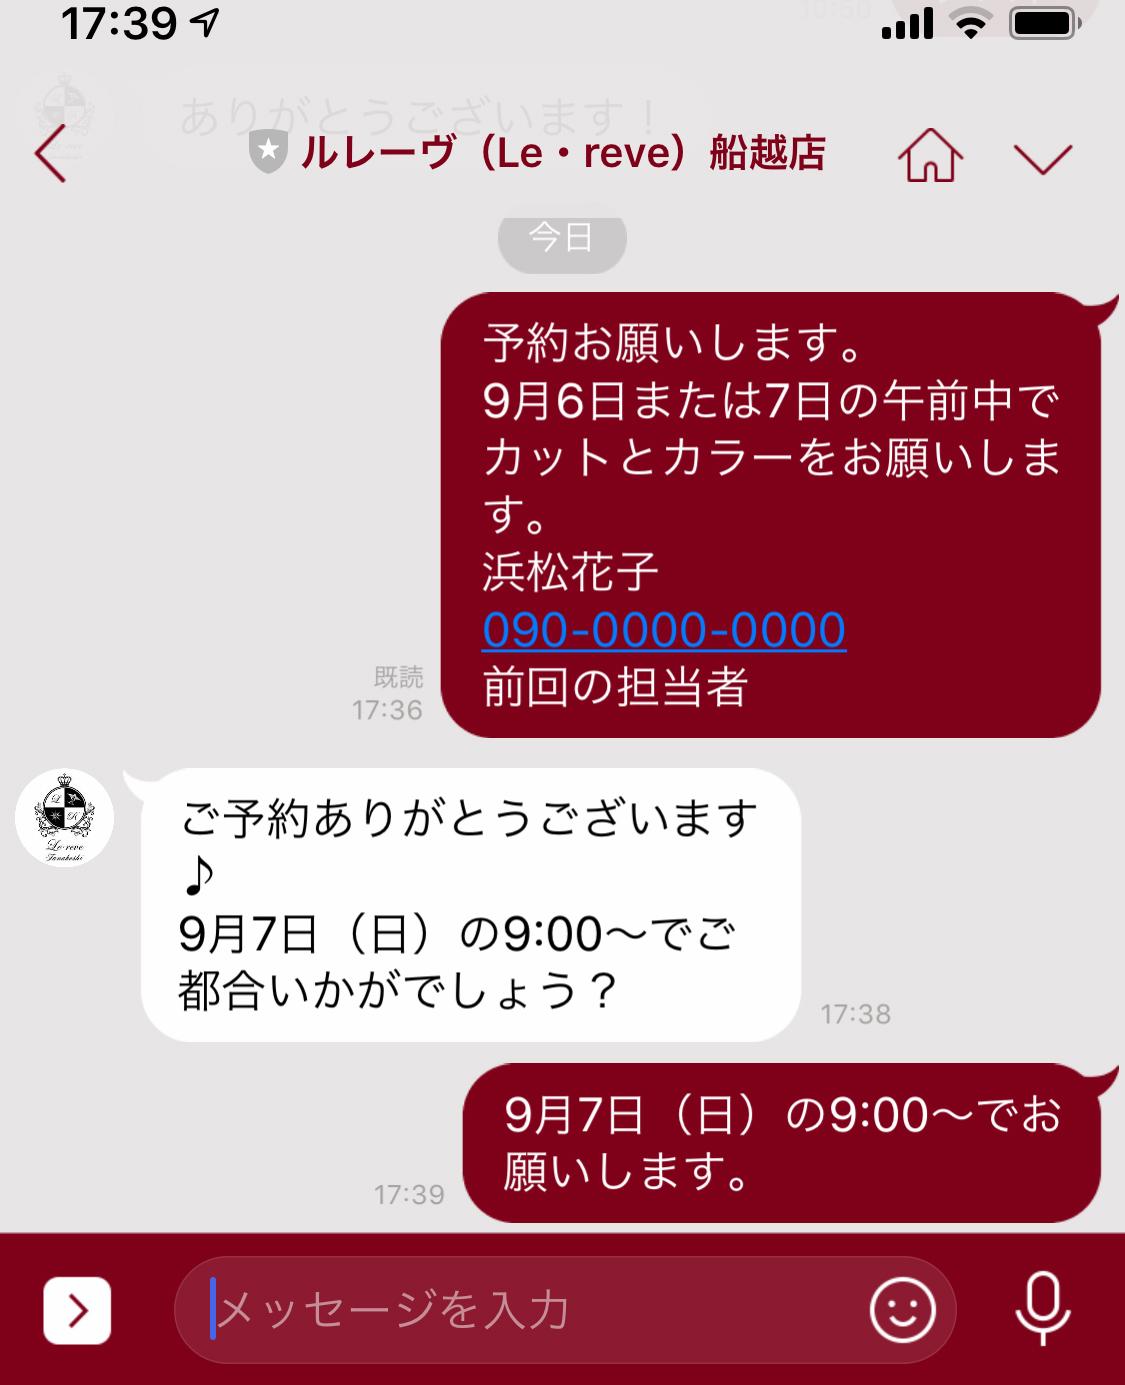 LINE予約画面プレビュー